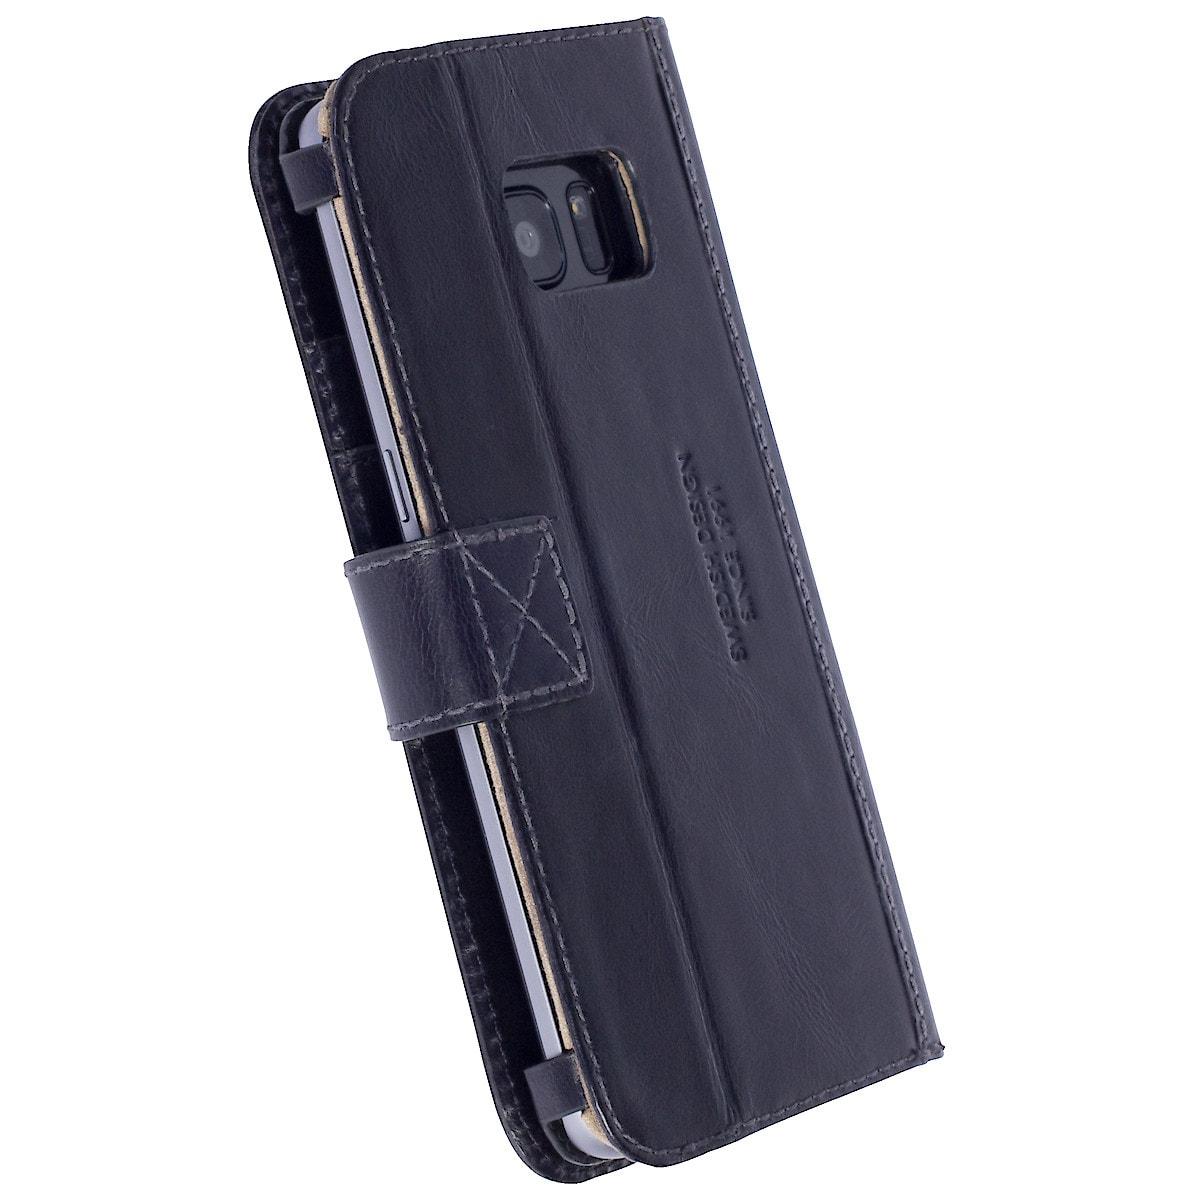 Taschenportemonnaie für Samsung Galaxy S7 Edge, Krusell Sigtuna FolioWallet